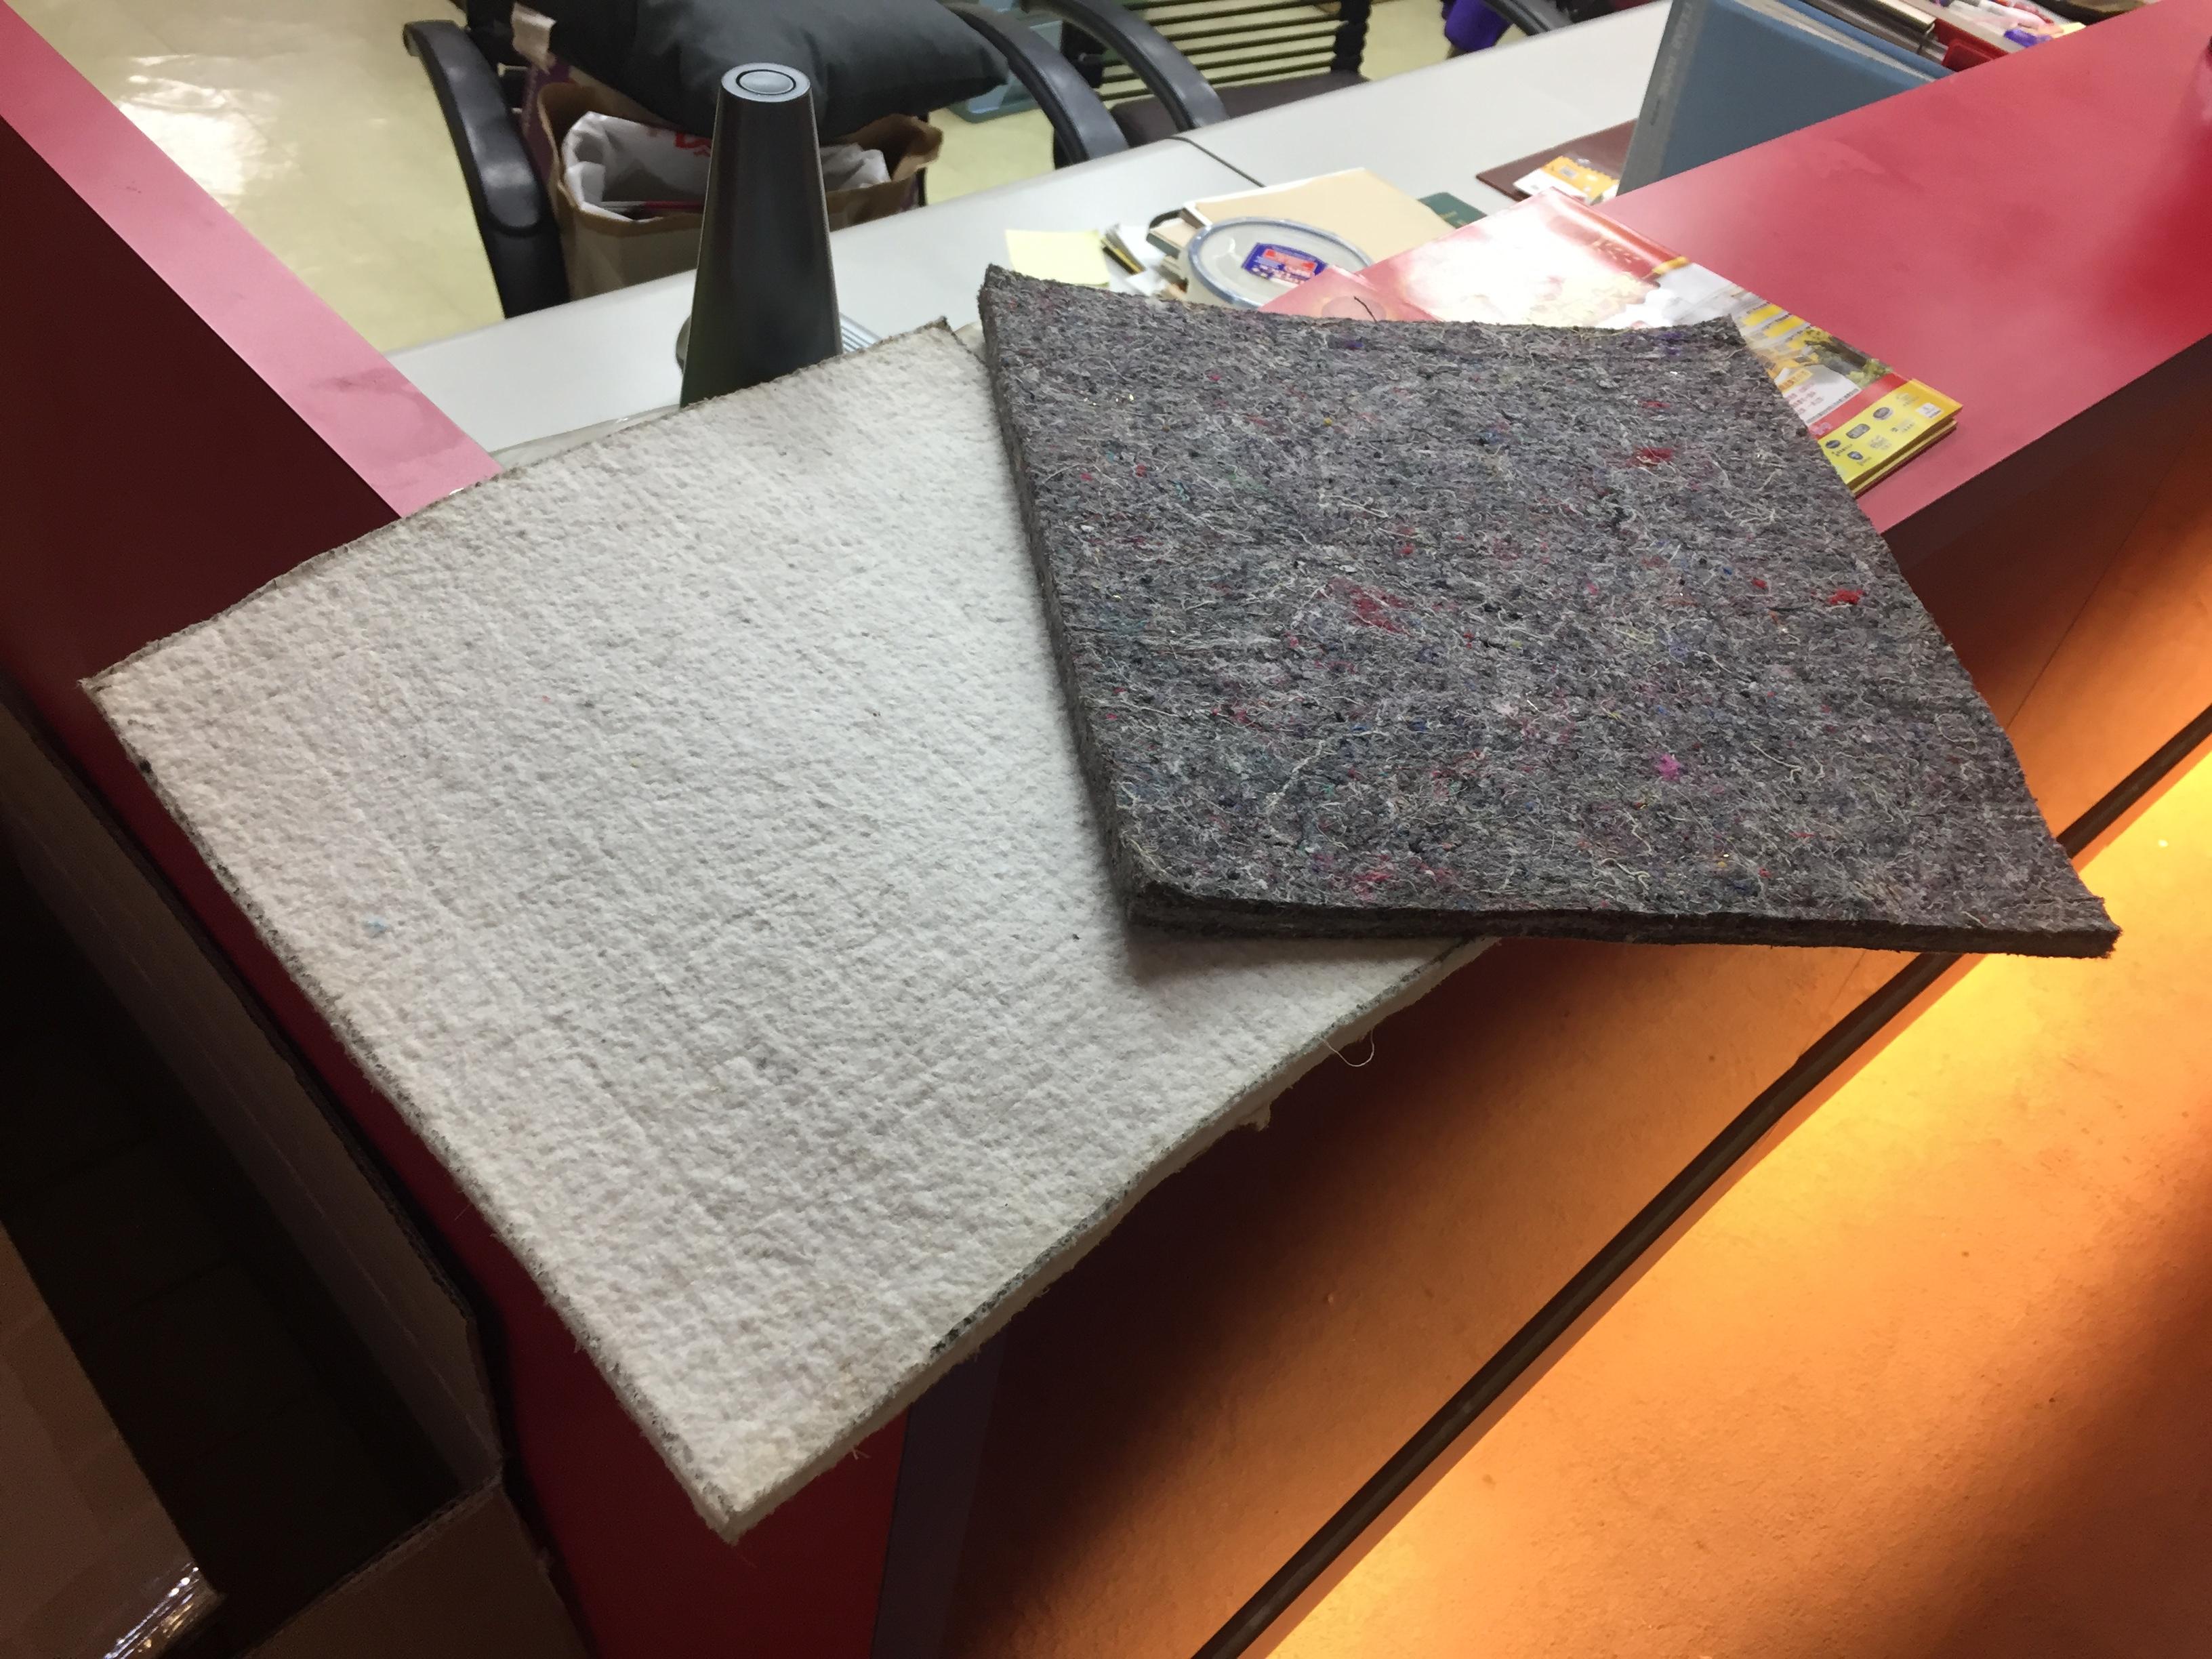 針扎棉層分為純天然棉花與回收線頭重製的棉層